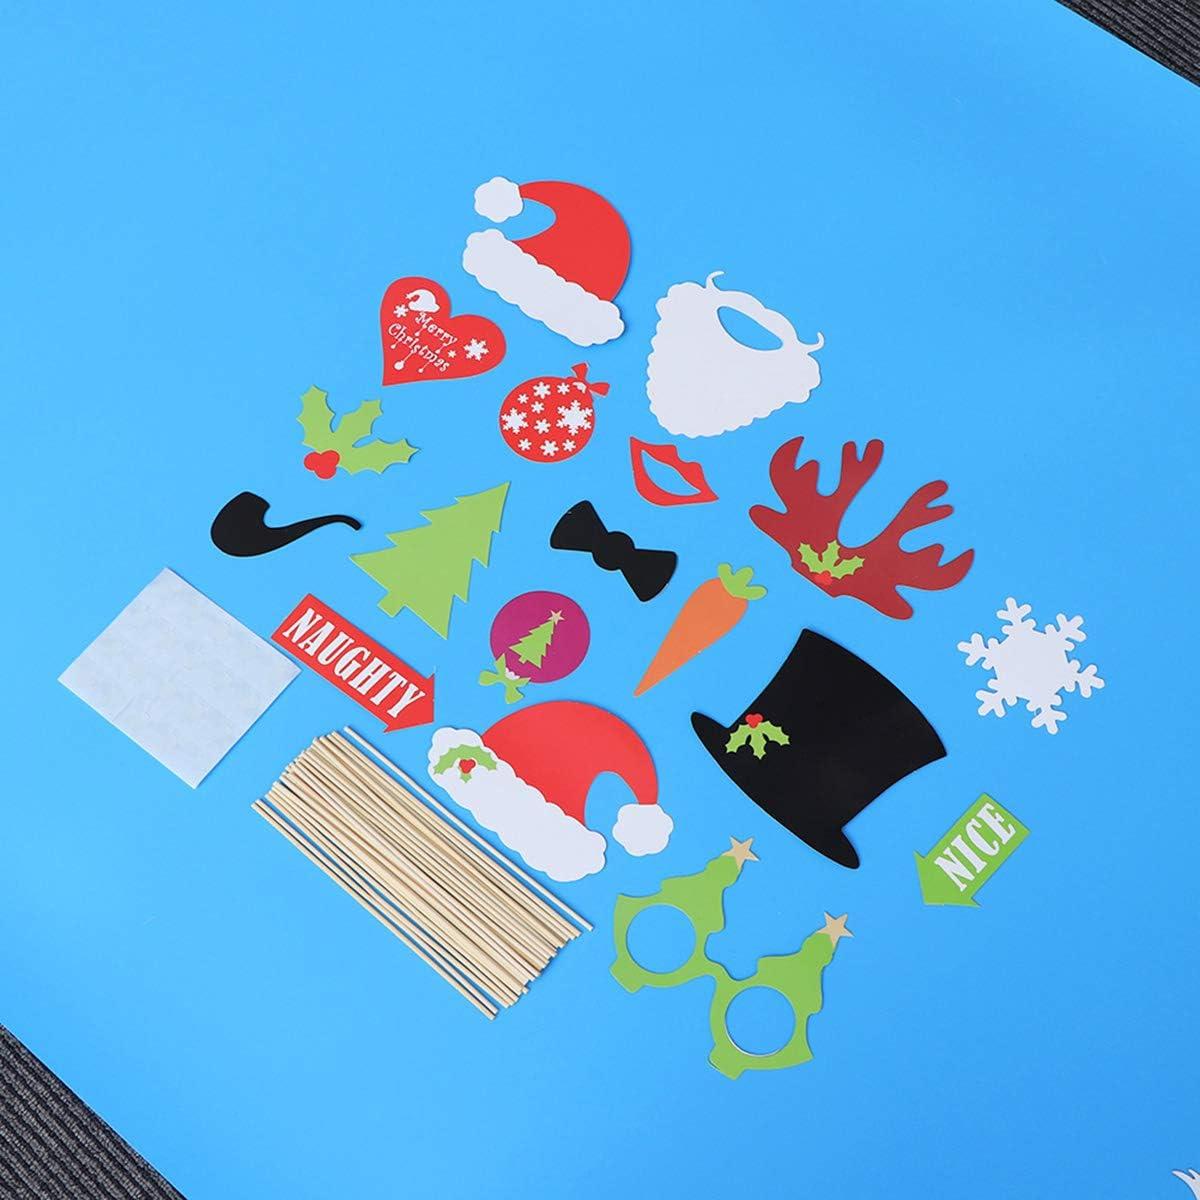 BESTOYARD Adornos Navide/ños DIY Photocall Apoyos del Fotomat/ón Comunion Divertido Decoracion para Navidad Boda Accesorios Fotogr/áficos Navide/ños 55 Piezas